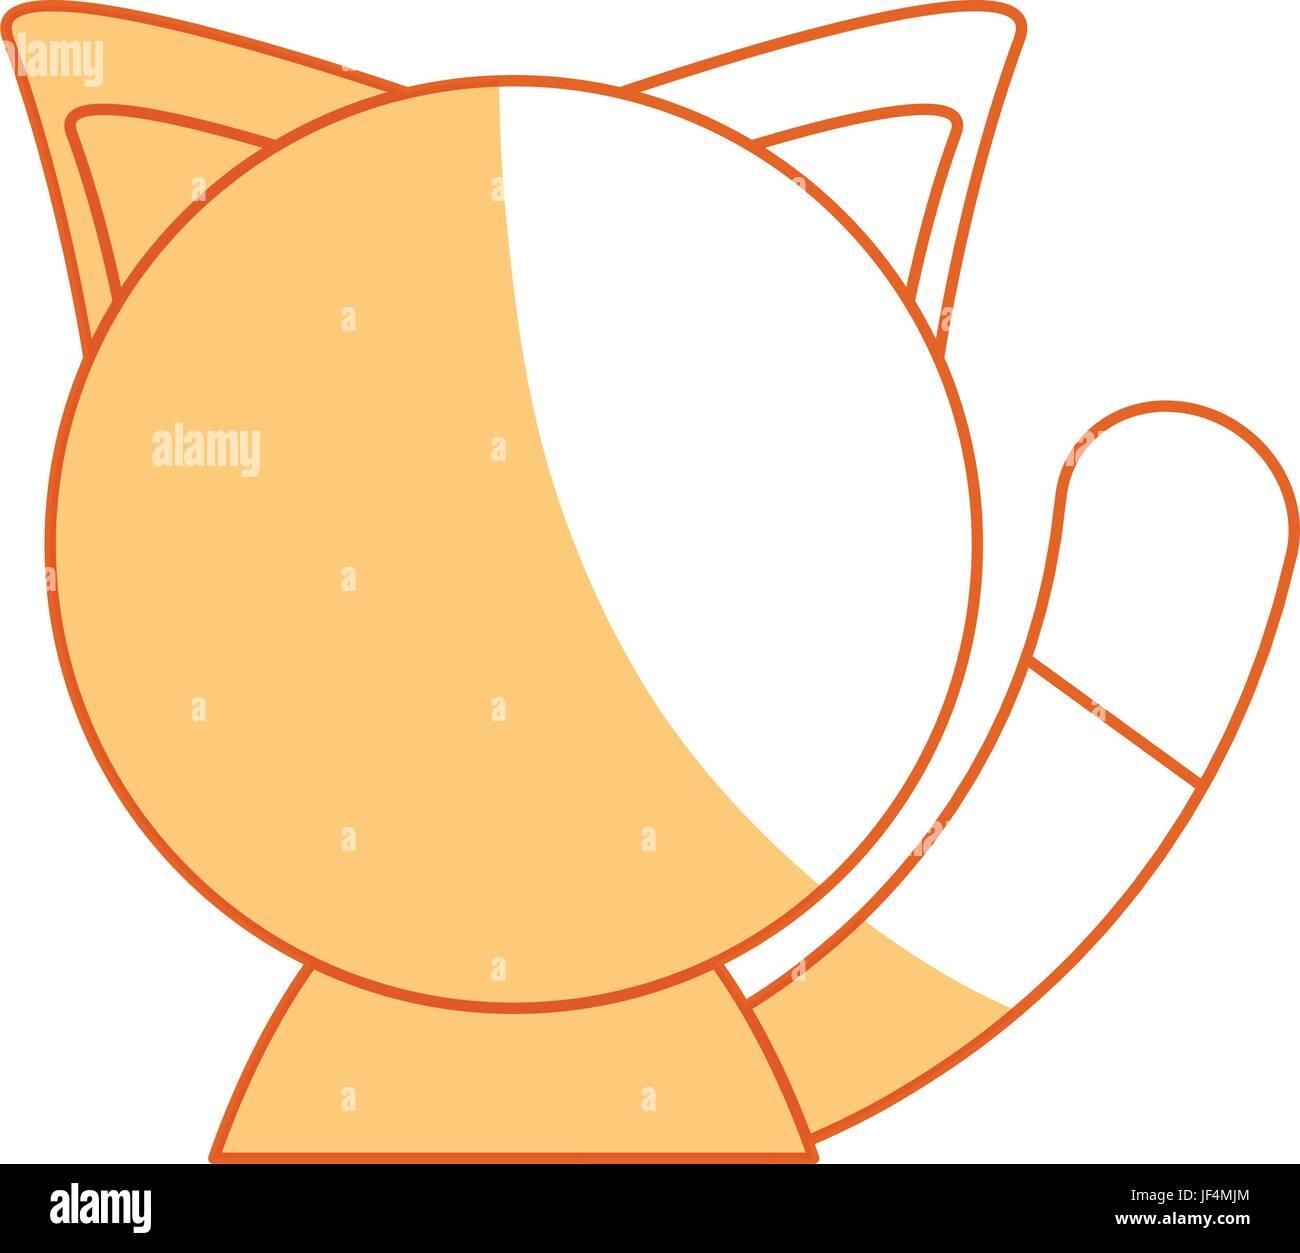 Cute cat cartoon - Stock Image